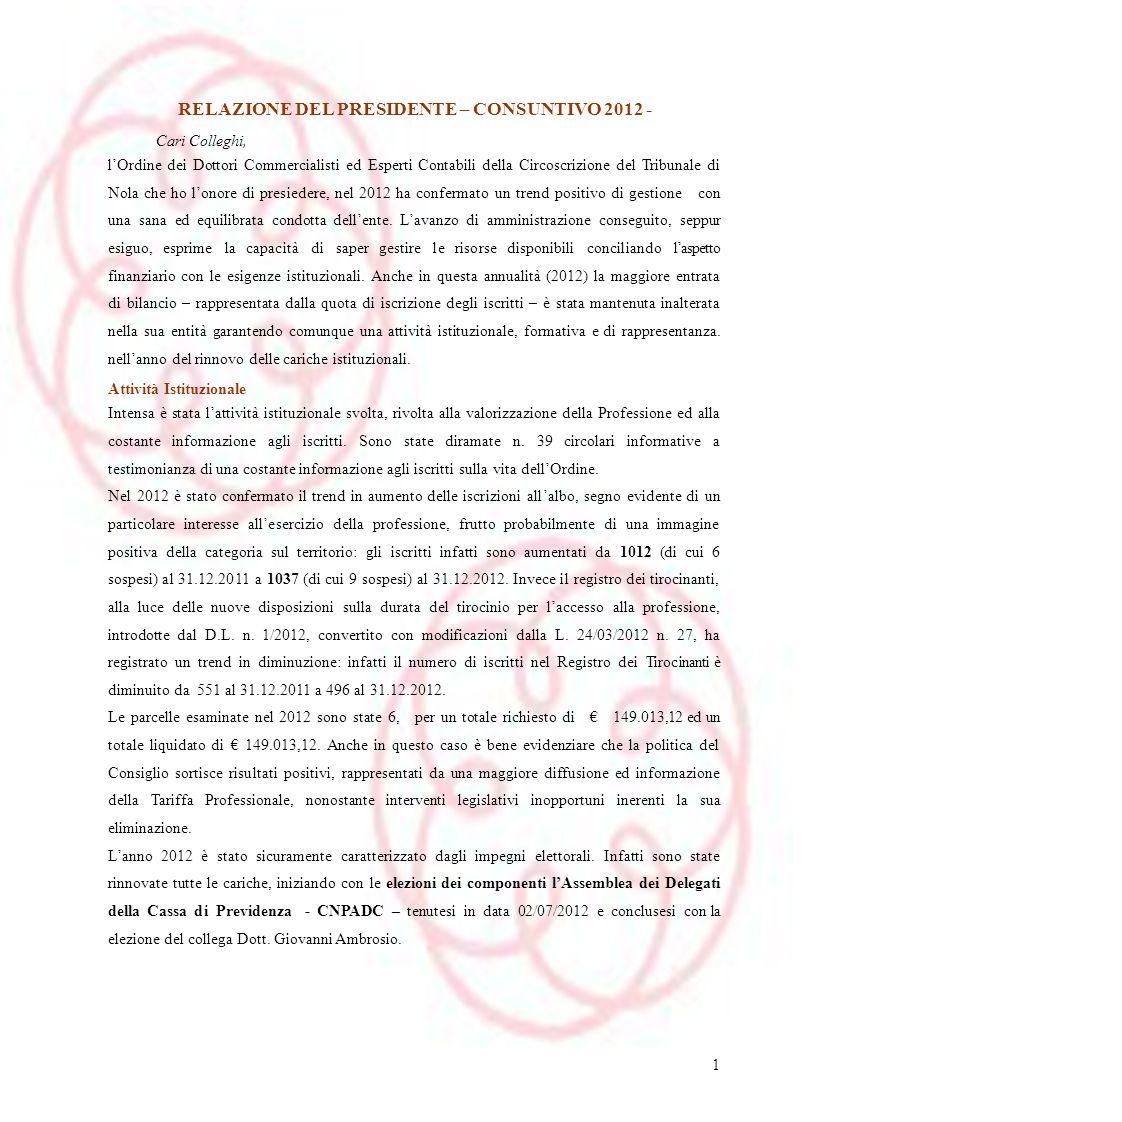 RELAZIONE DEL PRESIDENTE – CONSUNTIVO 2012 - Cari Colleghi, lOrdine dei Dottori Commercialisti ed Esperti Contabili della Circoscrizione del Tribunale